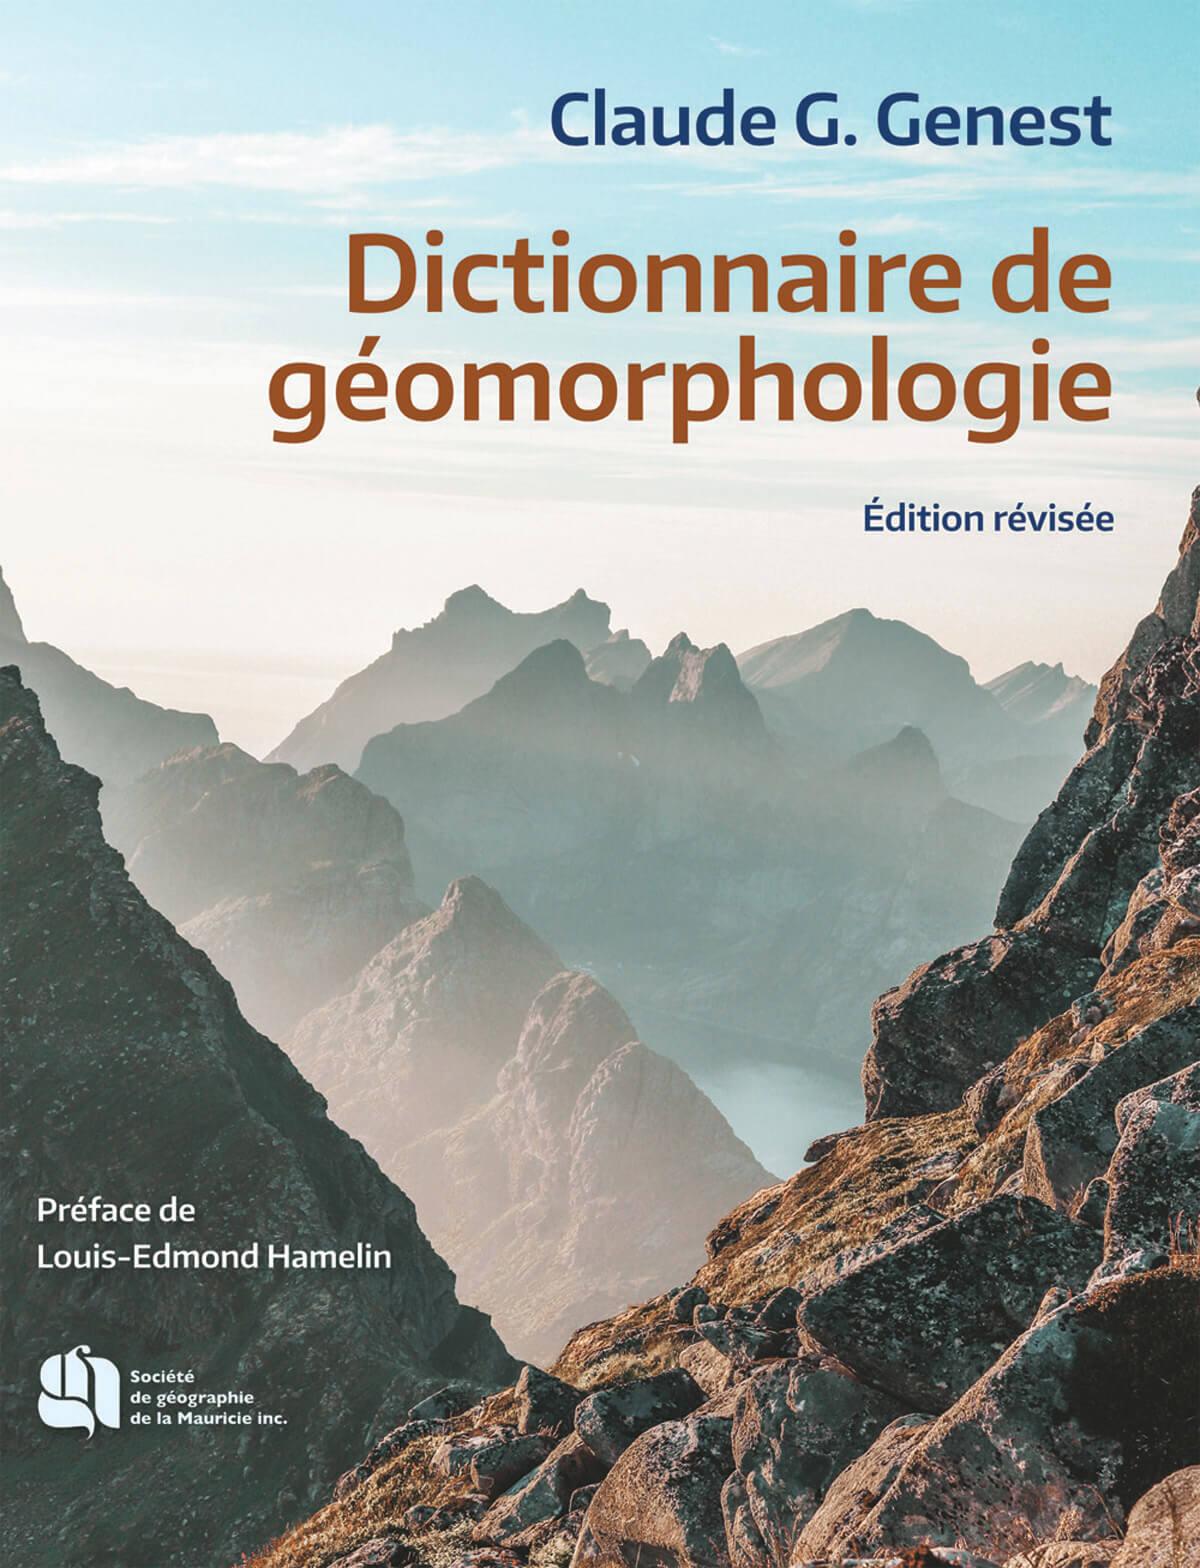 Dictionnaire de géomorphologie